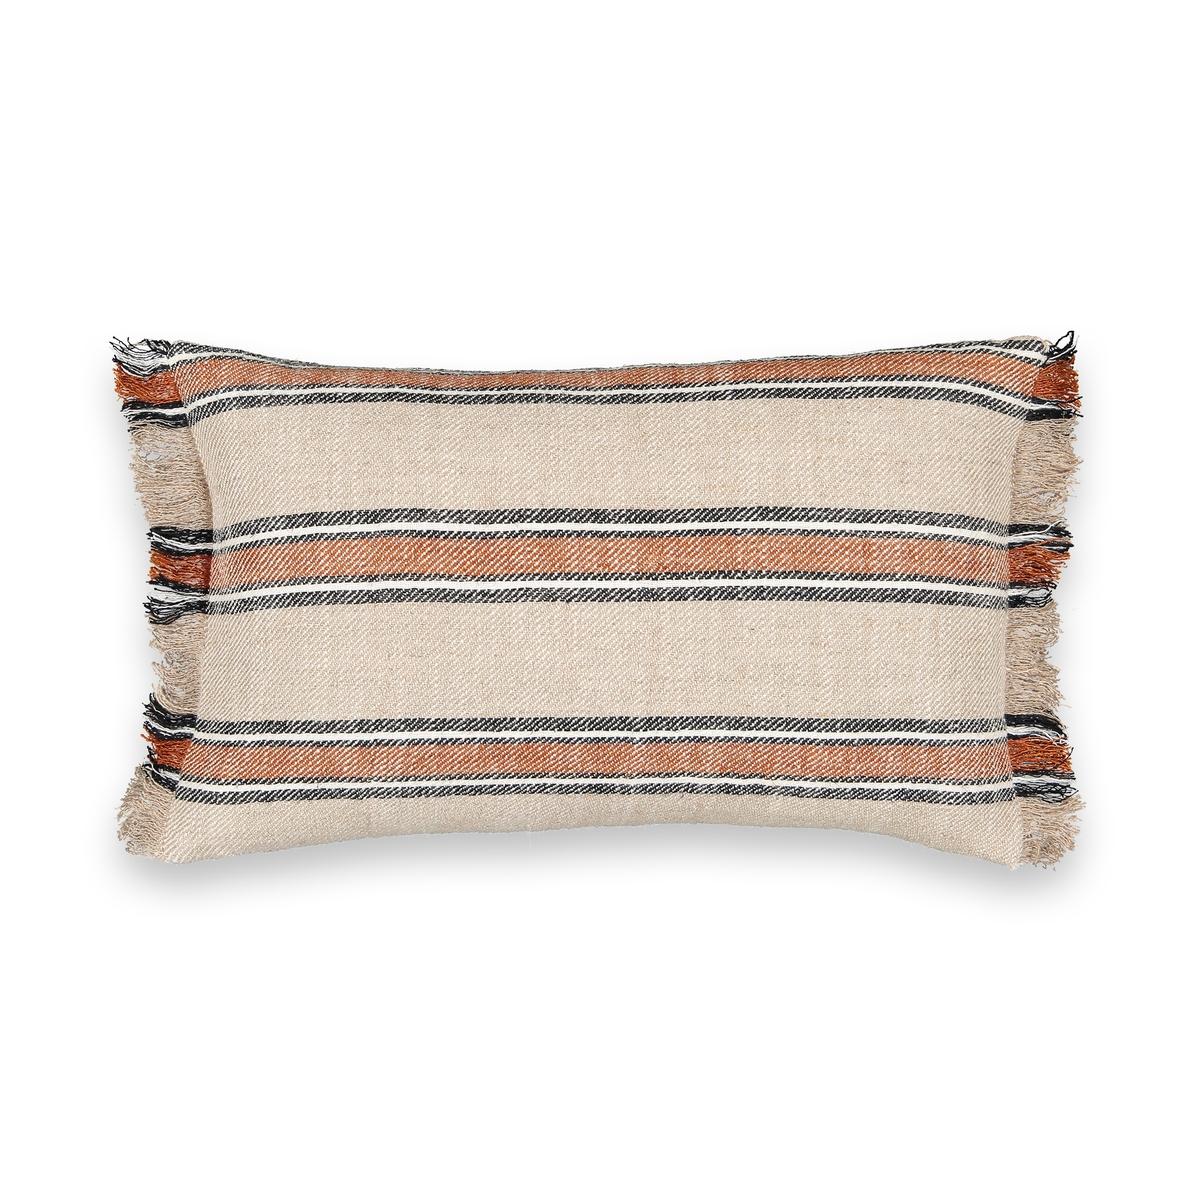 Чехол La Redoute На подушку-валик Anusha 50 x 30 см бежевый наволочка la redoute из хлопка aliki 50 x 50 см бежевый